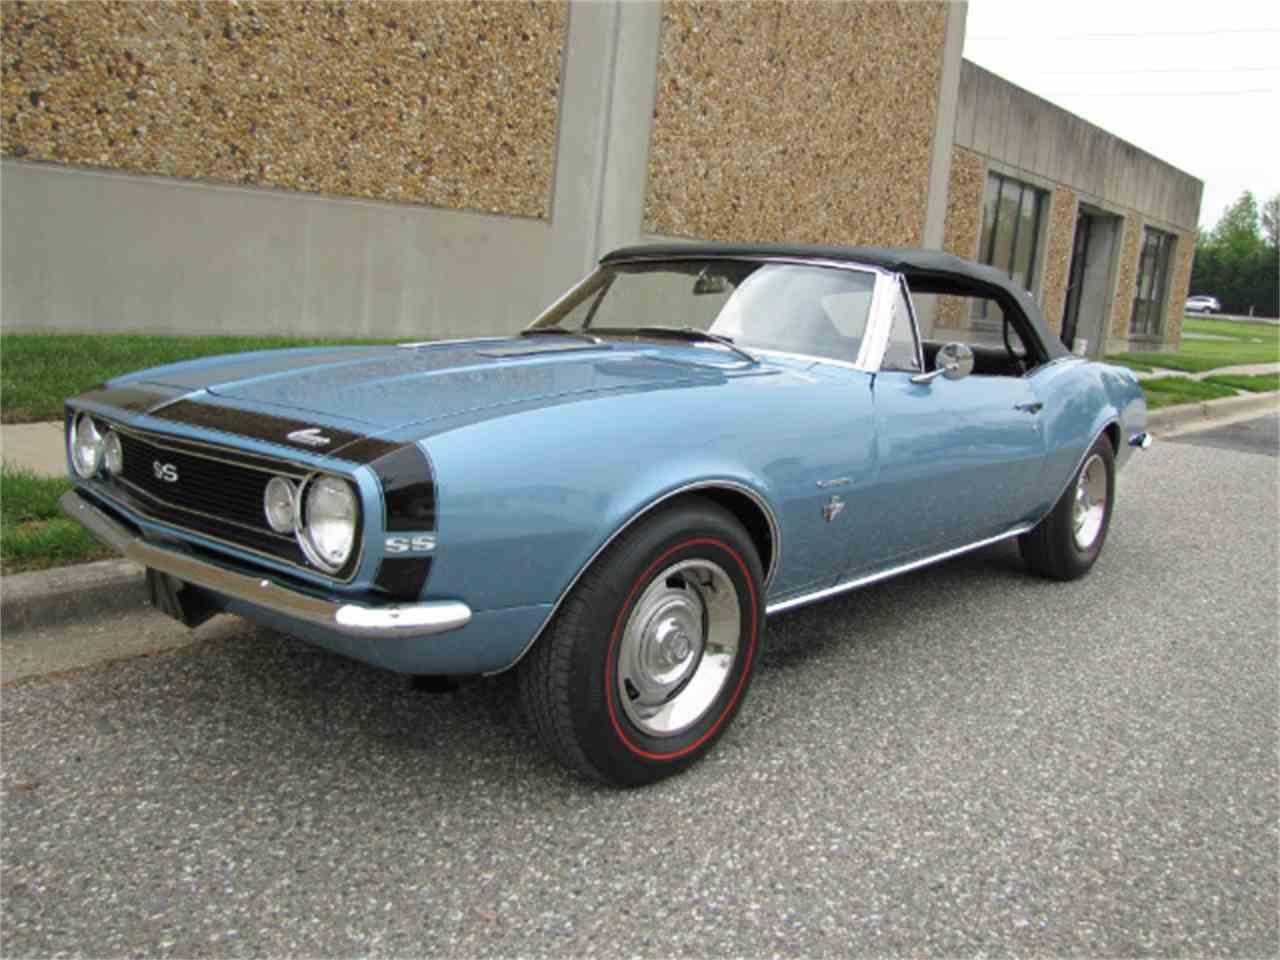 1967 Chevrolet Camaro Ss For Sale Classiccars Com Cc